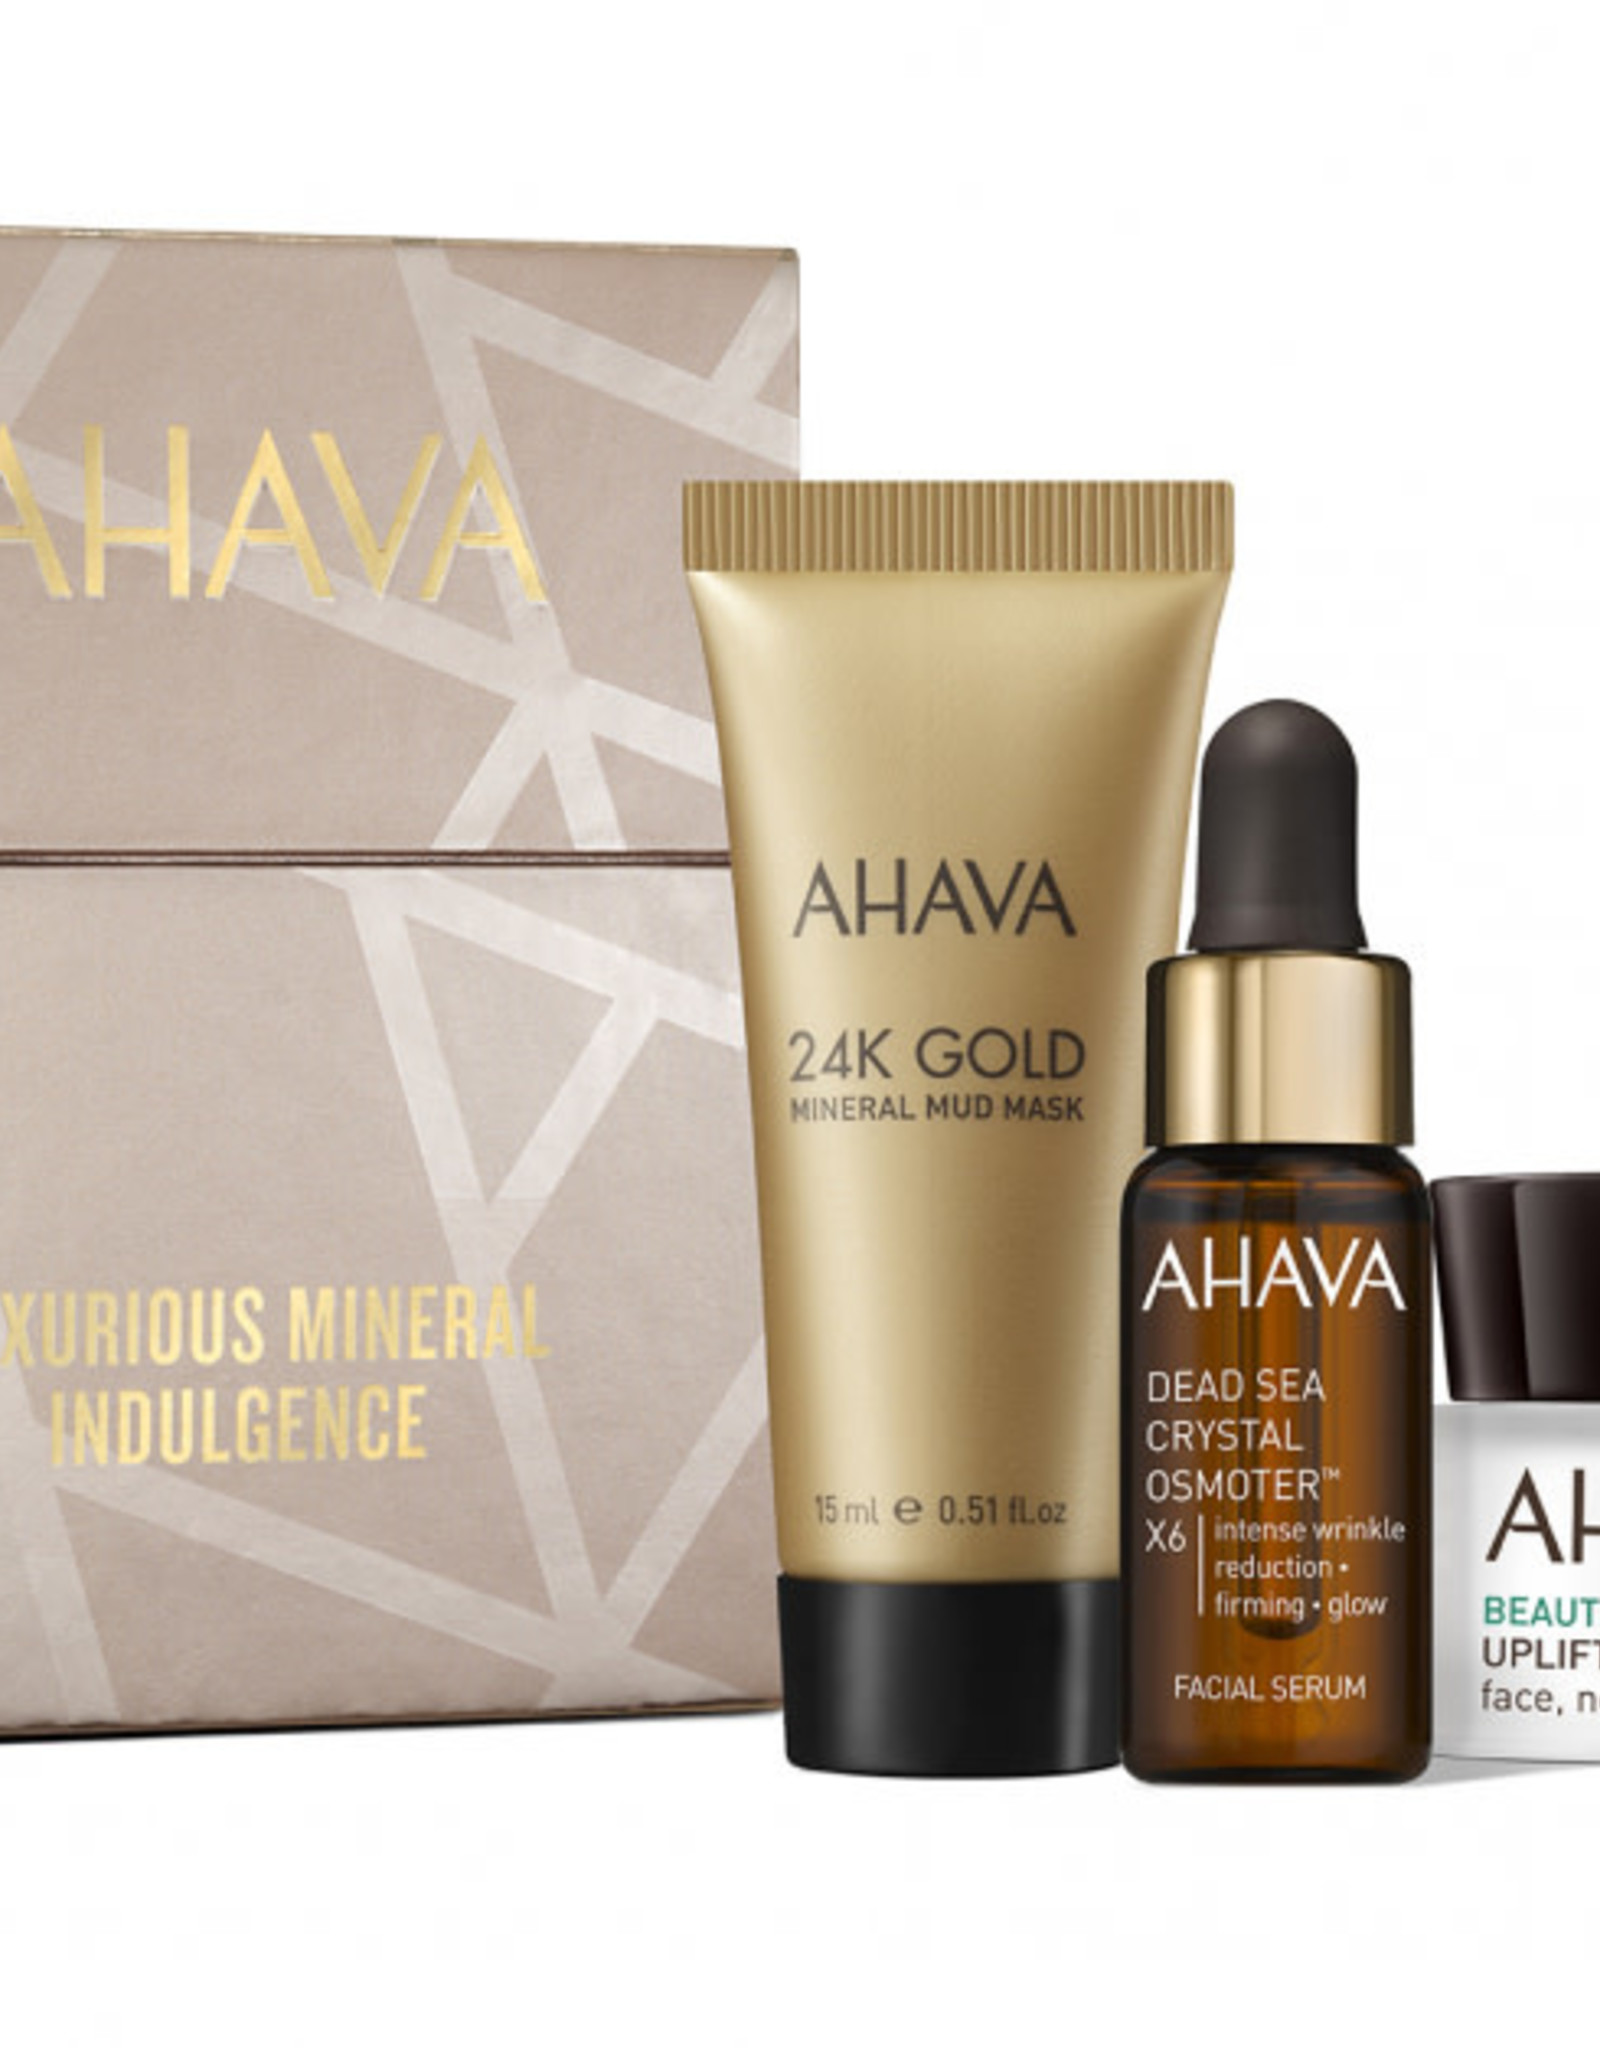 AHAVA Luxurious mineral indulgence